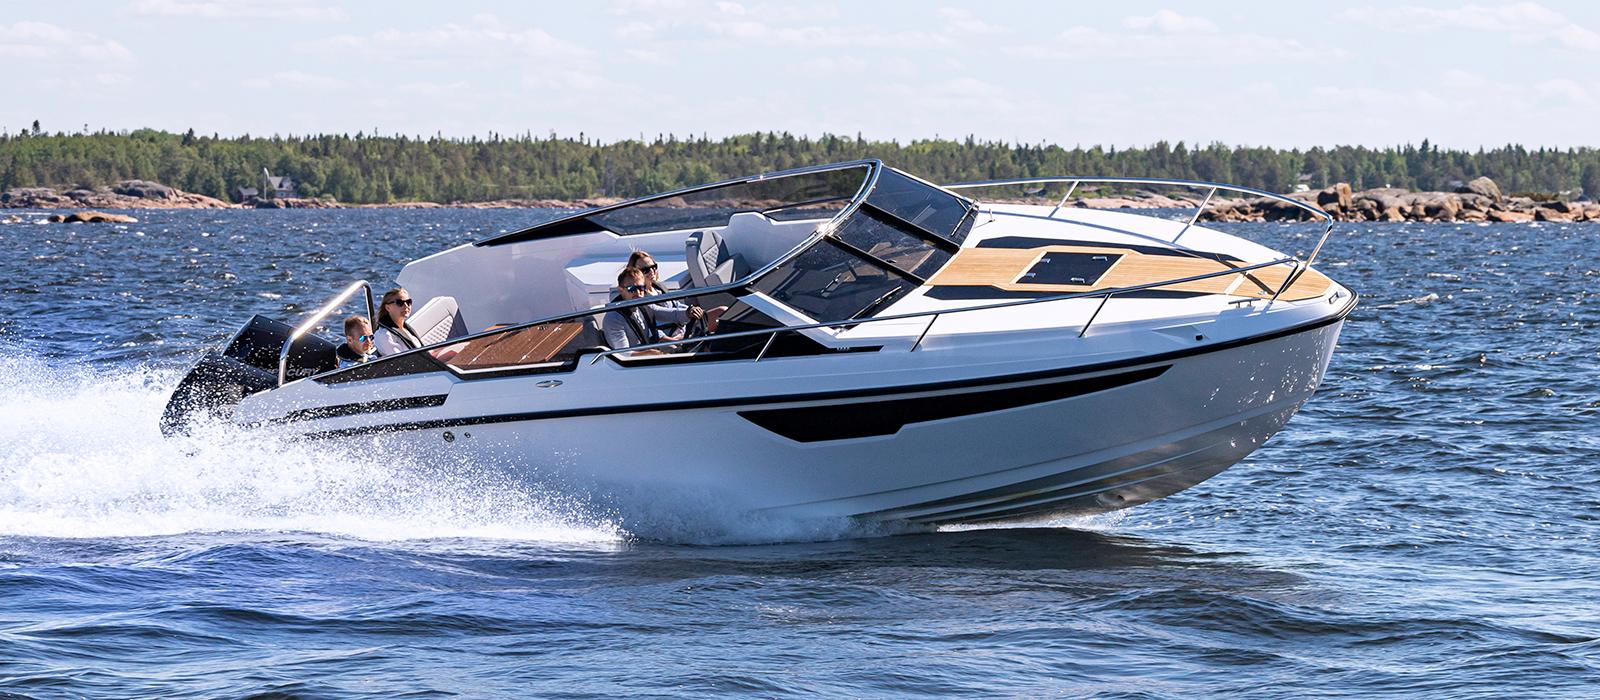 Flipper presenterar ett nytt flaggskepp, Flipper 900 DC